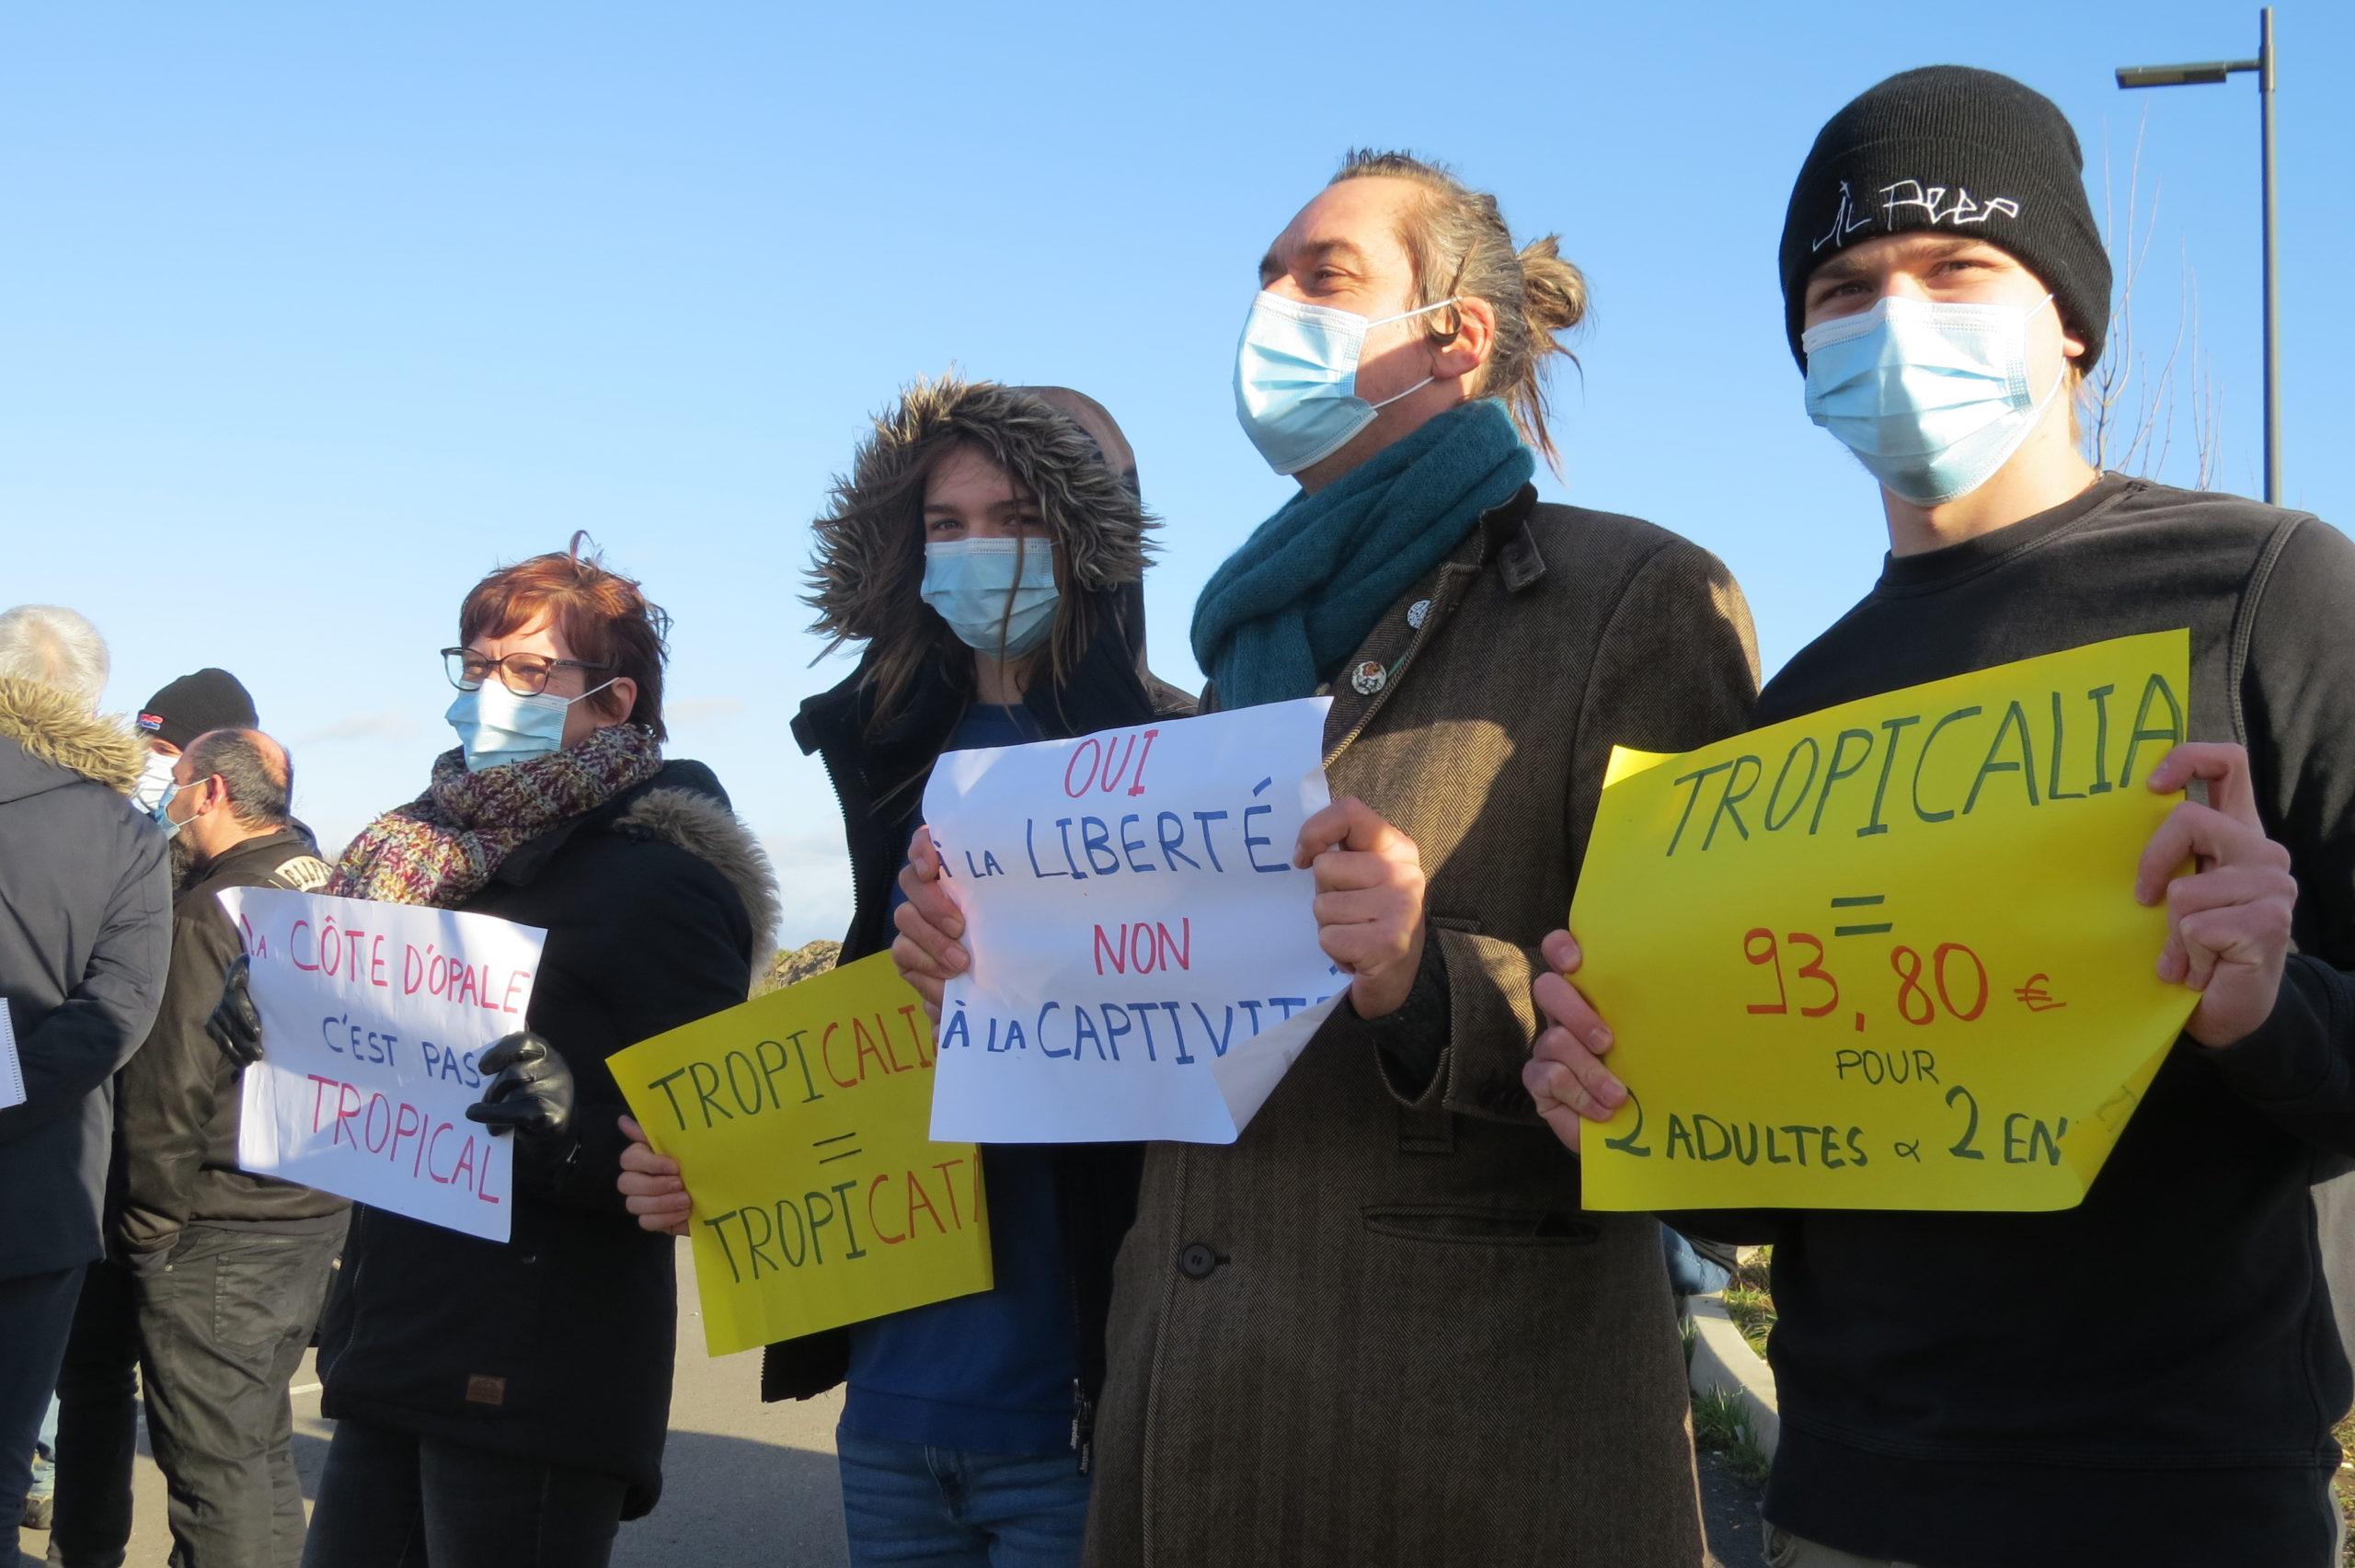 Une manifestation contre le projet Tropicalia de serre tropicale géante